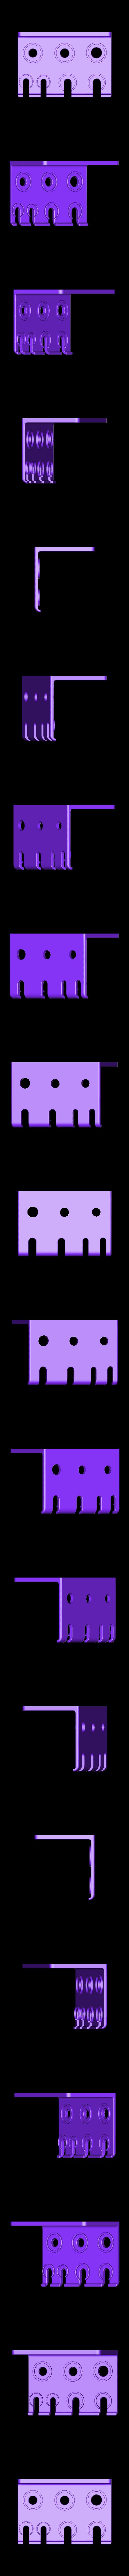 Screws.stl Download free STL file Holder for Electrician Screwdriver Set 7pcs 012 I for screws or peg board • 3D print model, Wiesemann1893